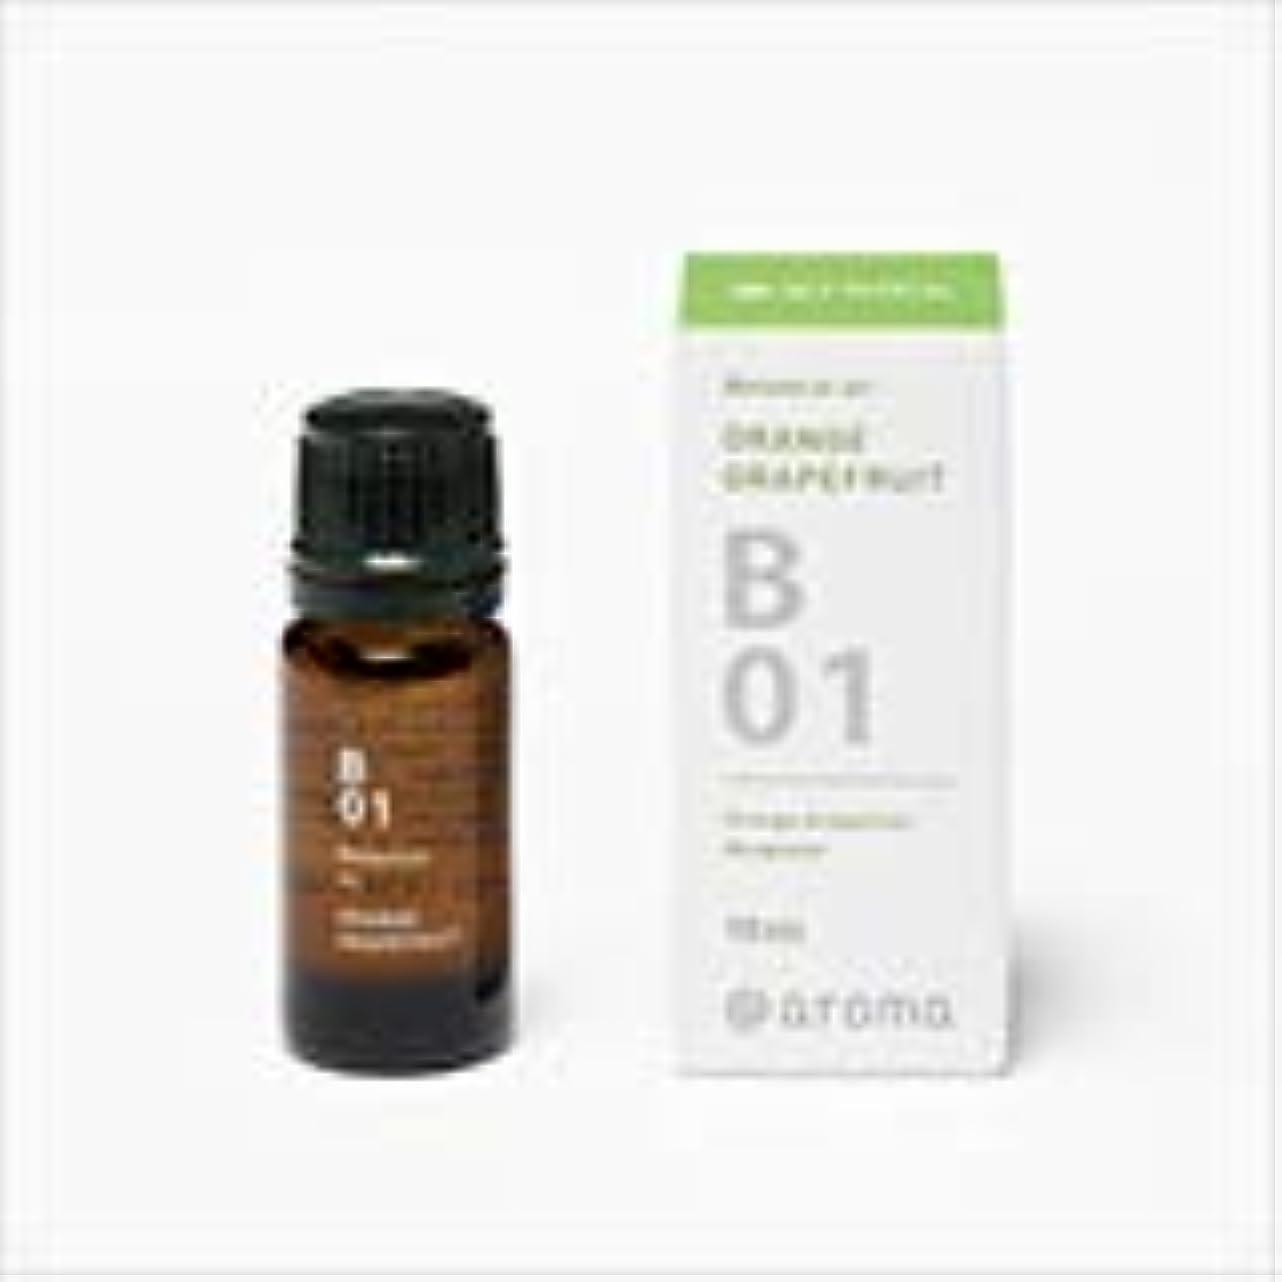 リングコールド市町村アットアロマ 100%pure essential oil <Botanical air ジュニパーシダー>